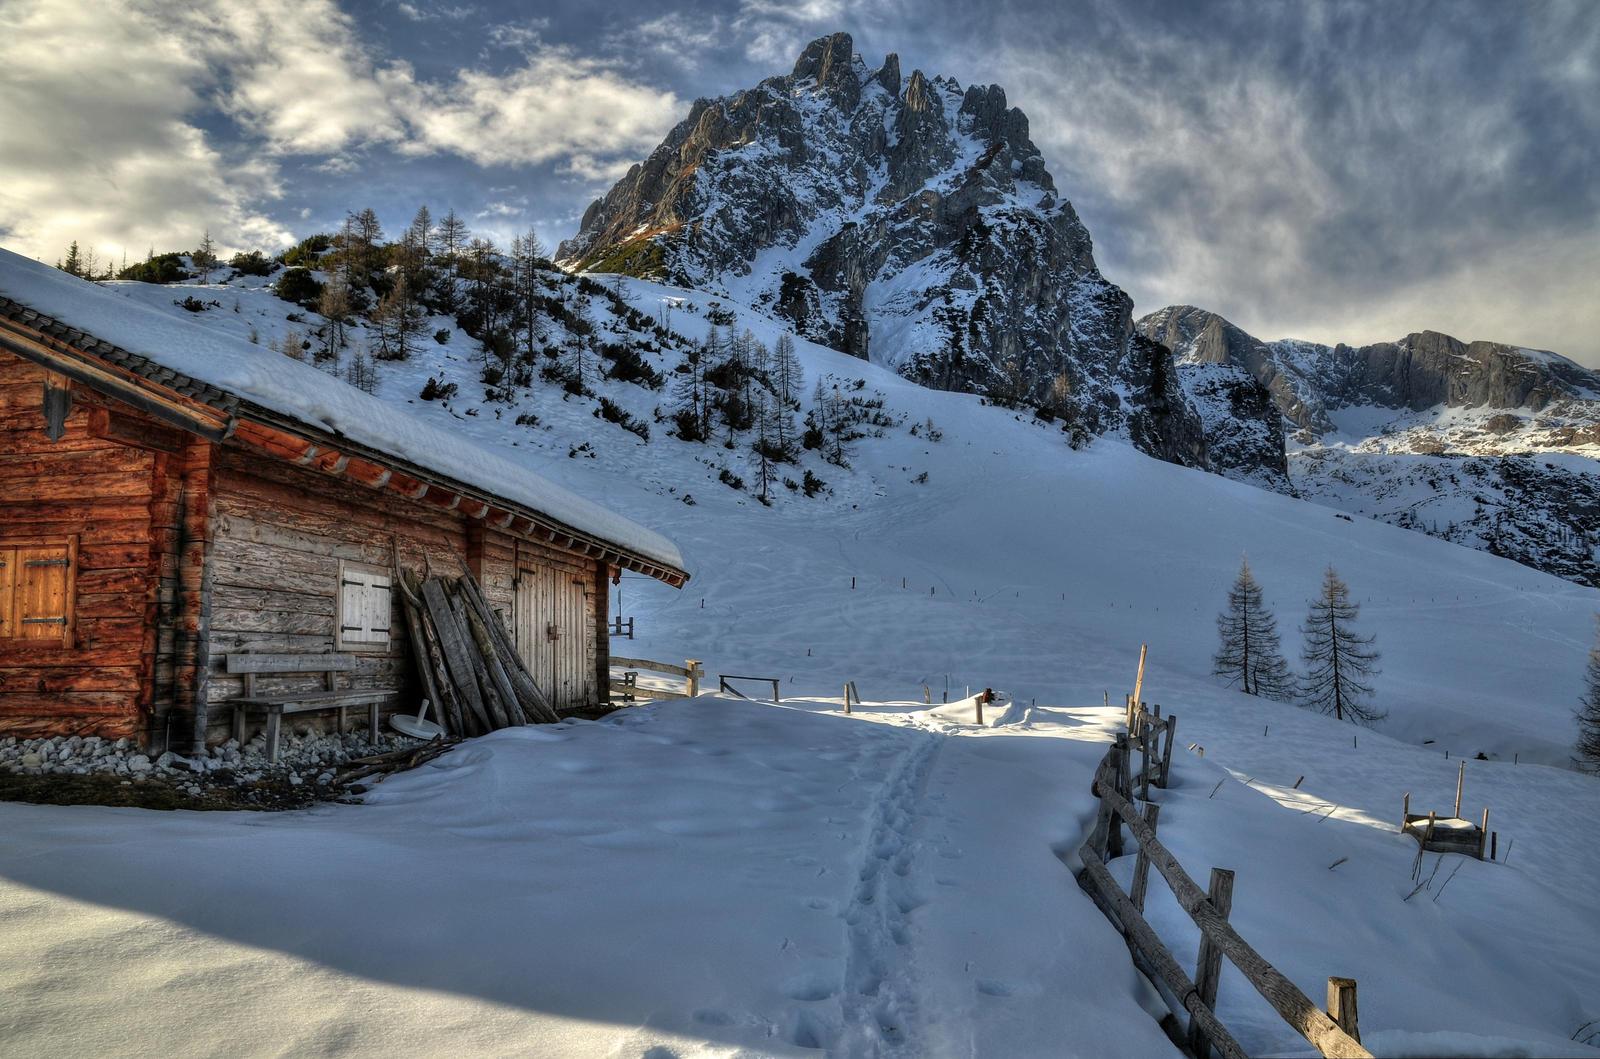 At The Cabin by Burtn